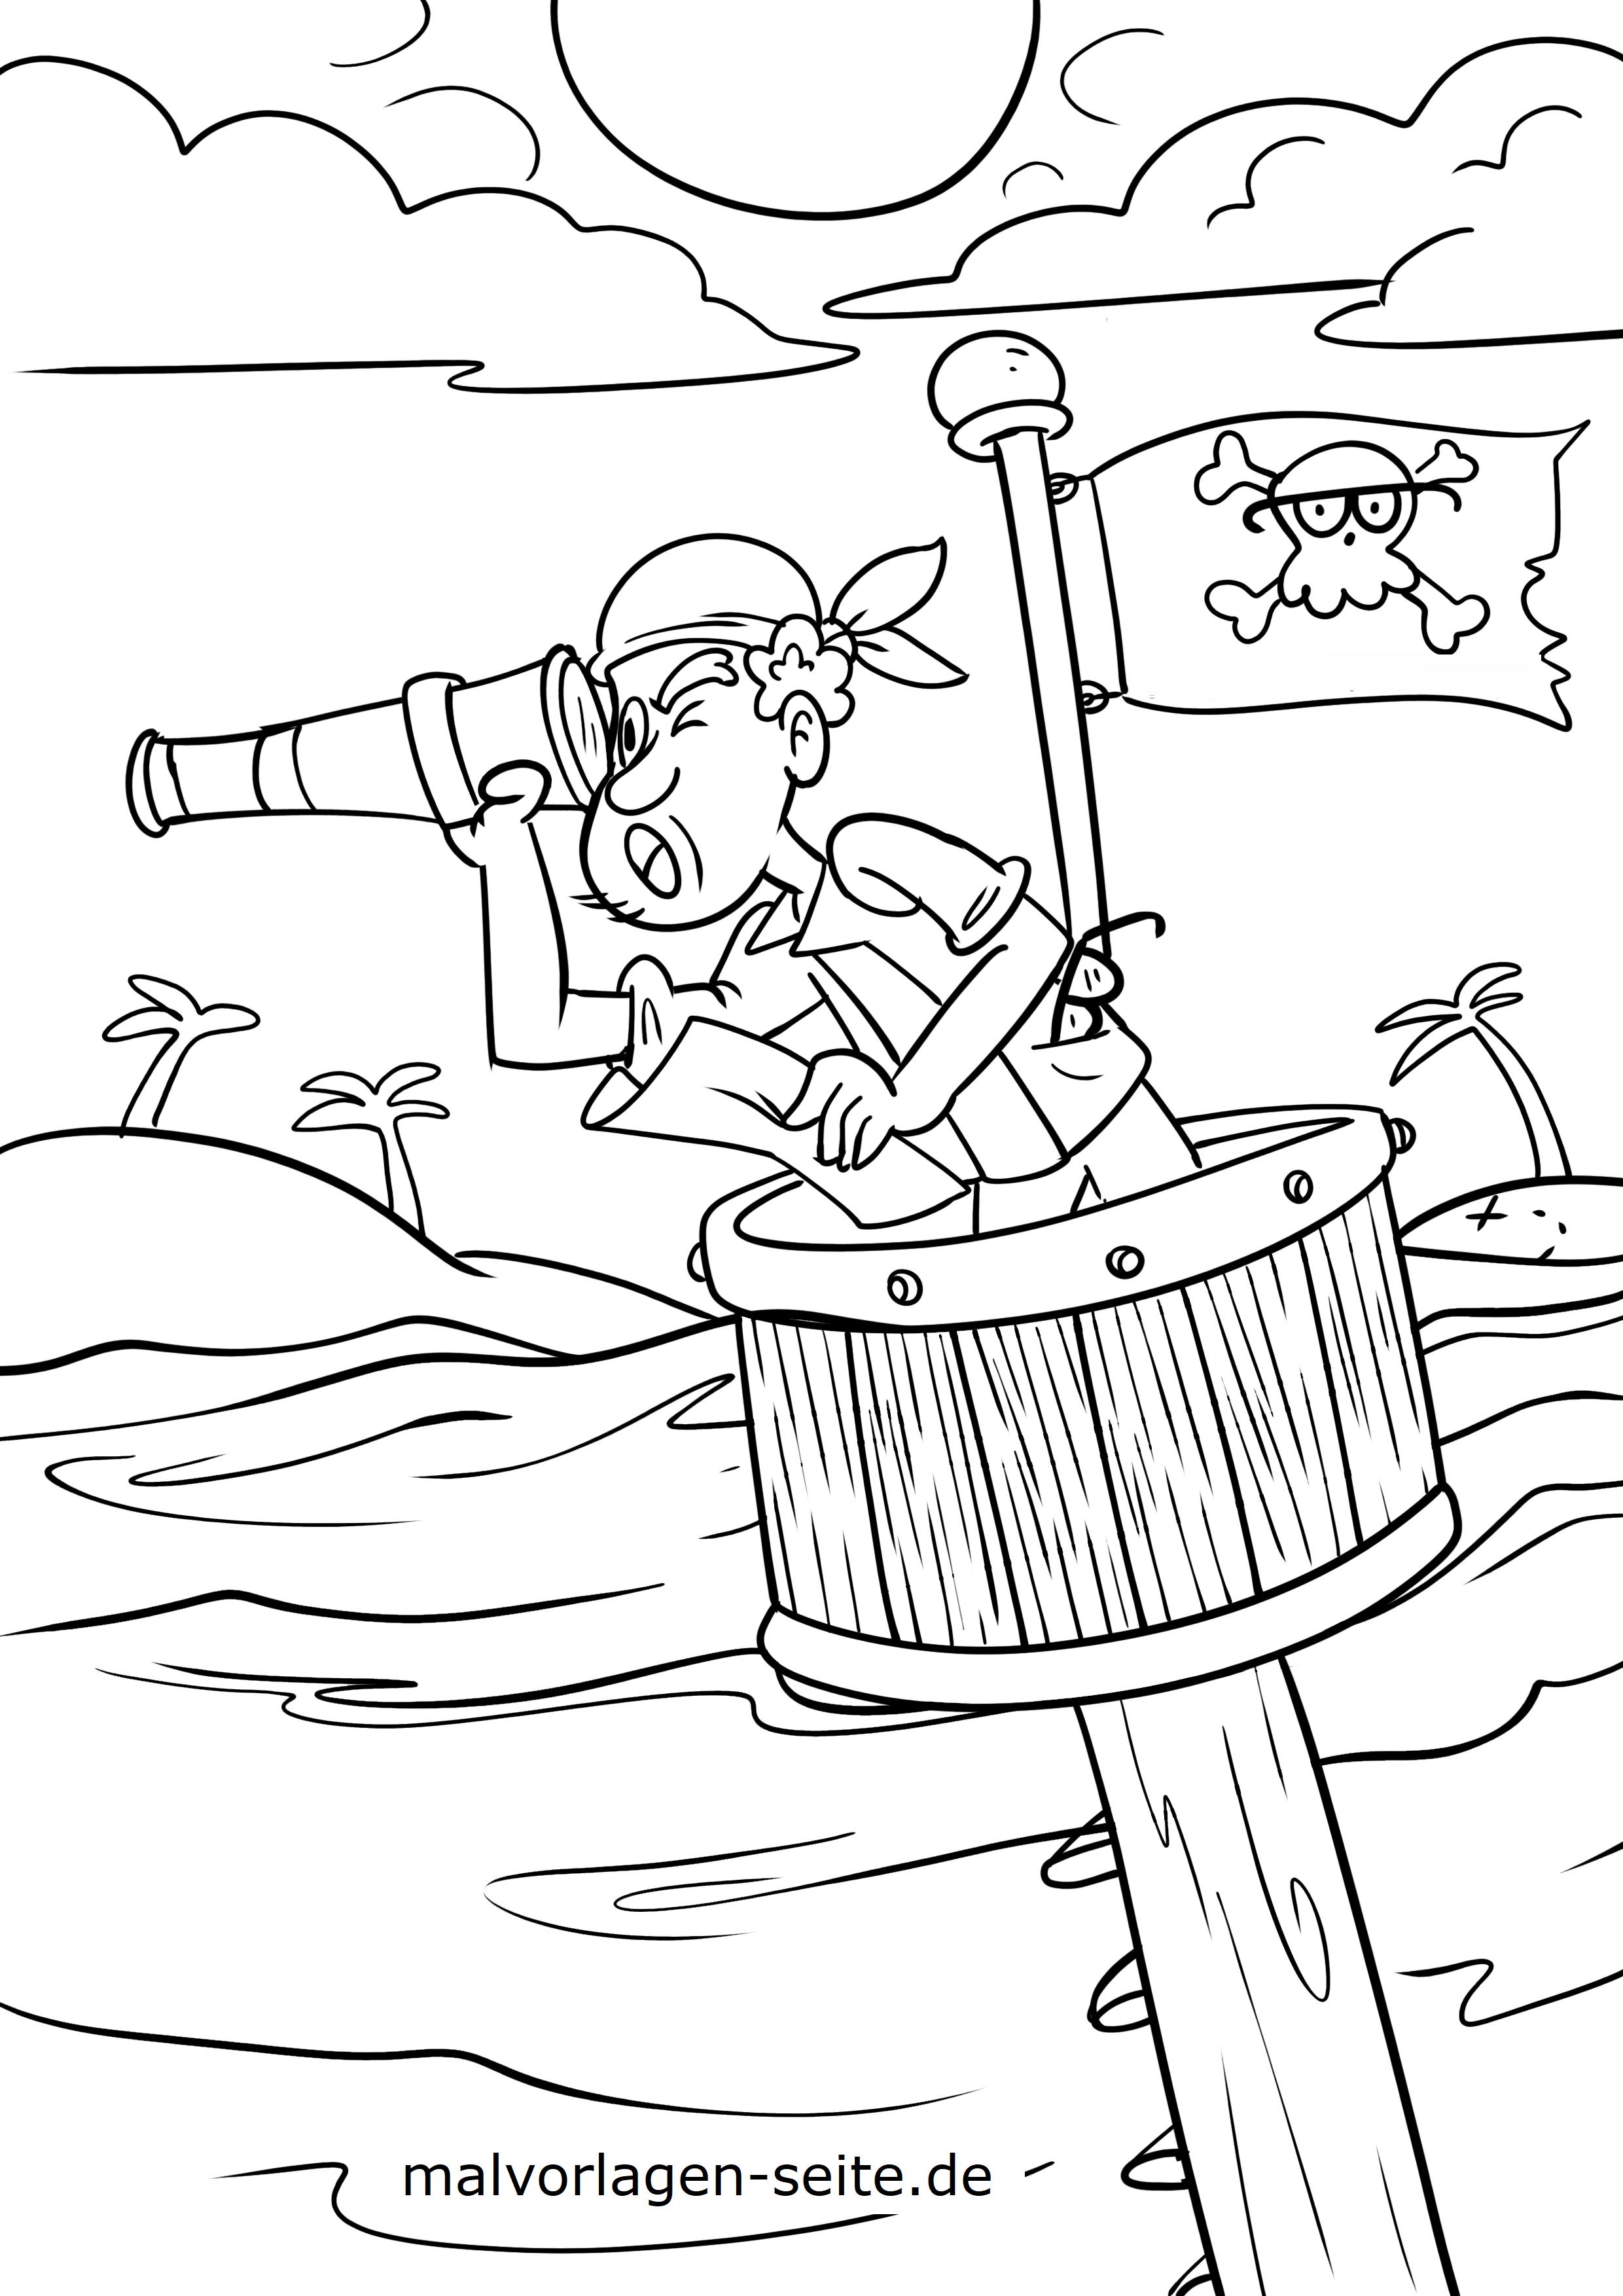 malvorlage pirat / piraten - kostenlose ausmalbilder